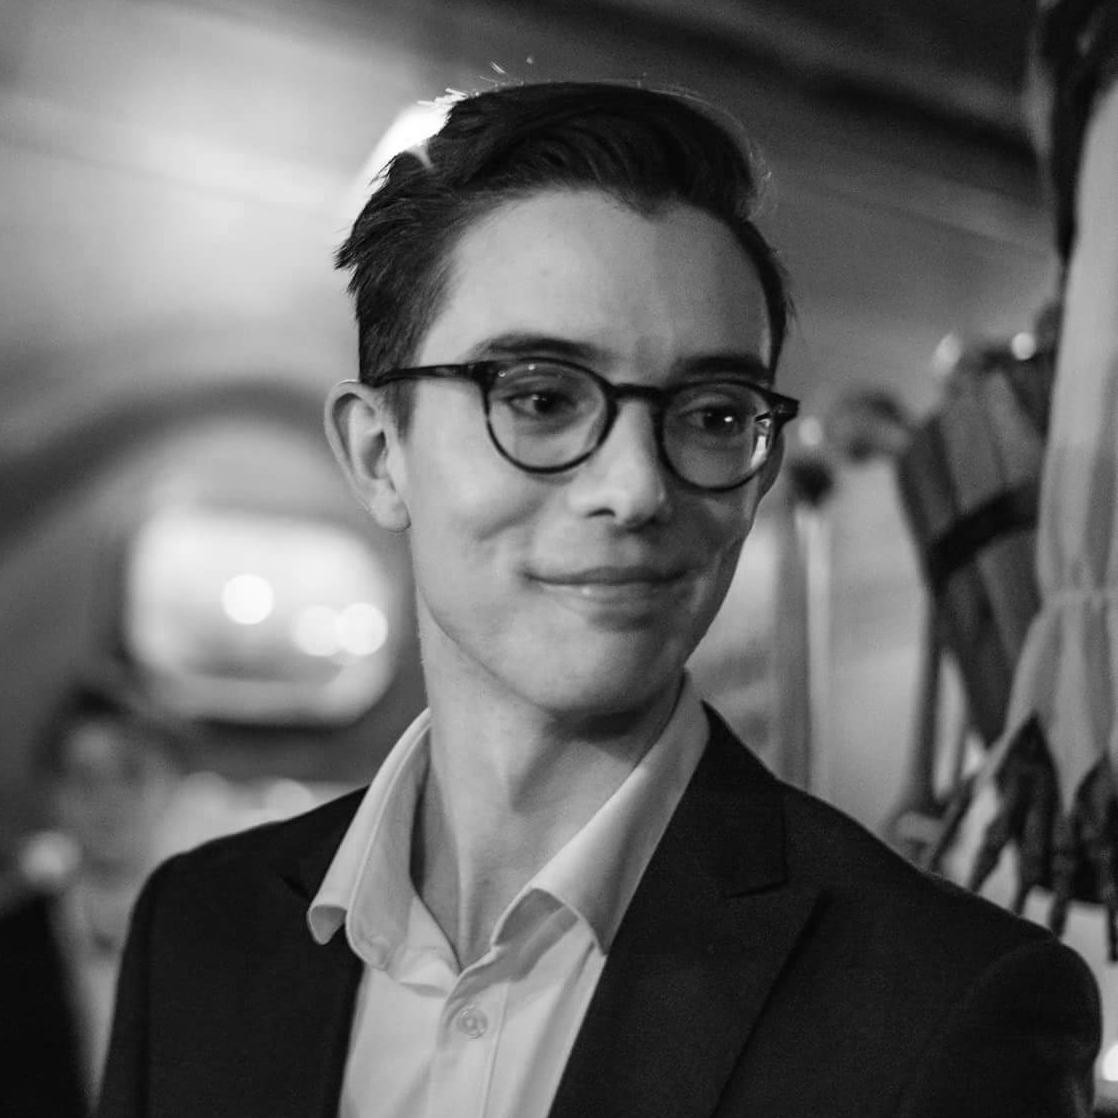 Matt Taylor - Mentor • Curatorial team